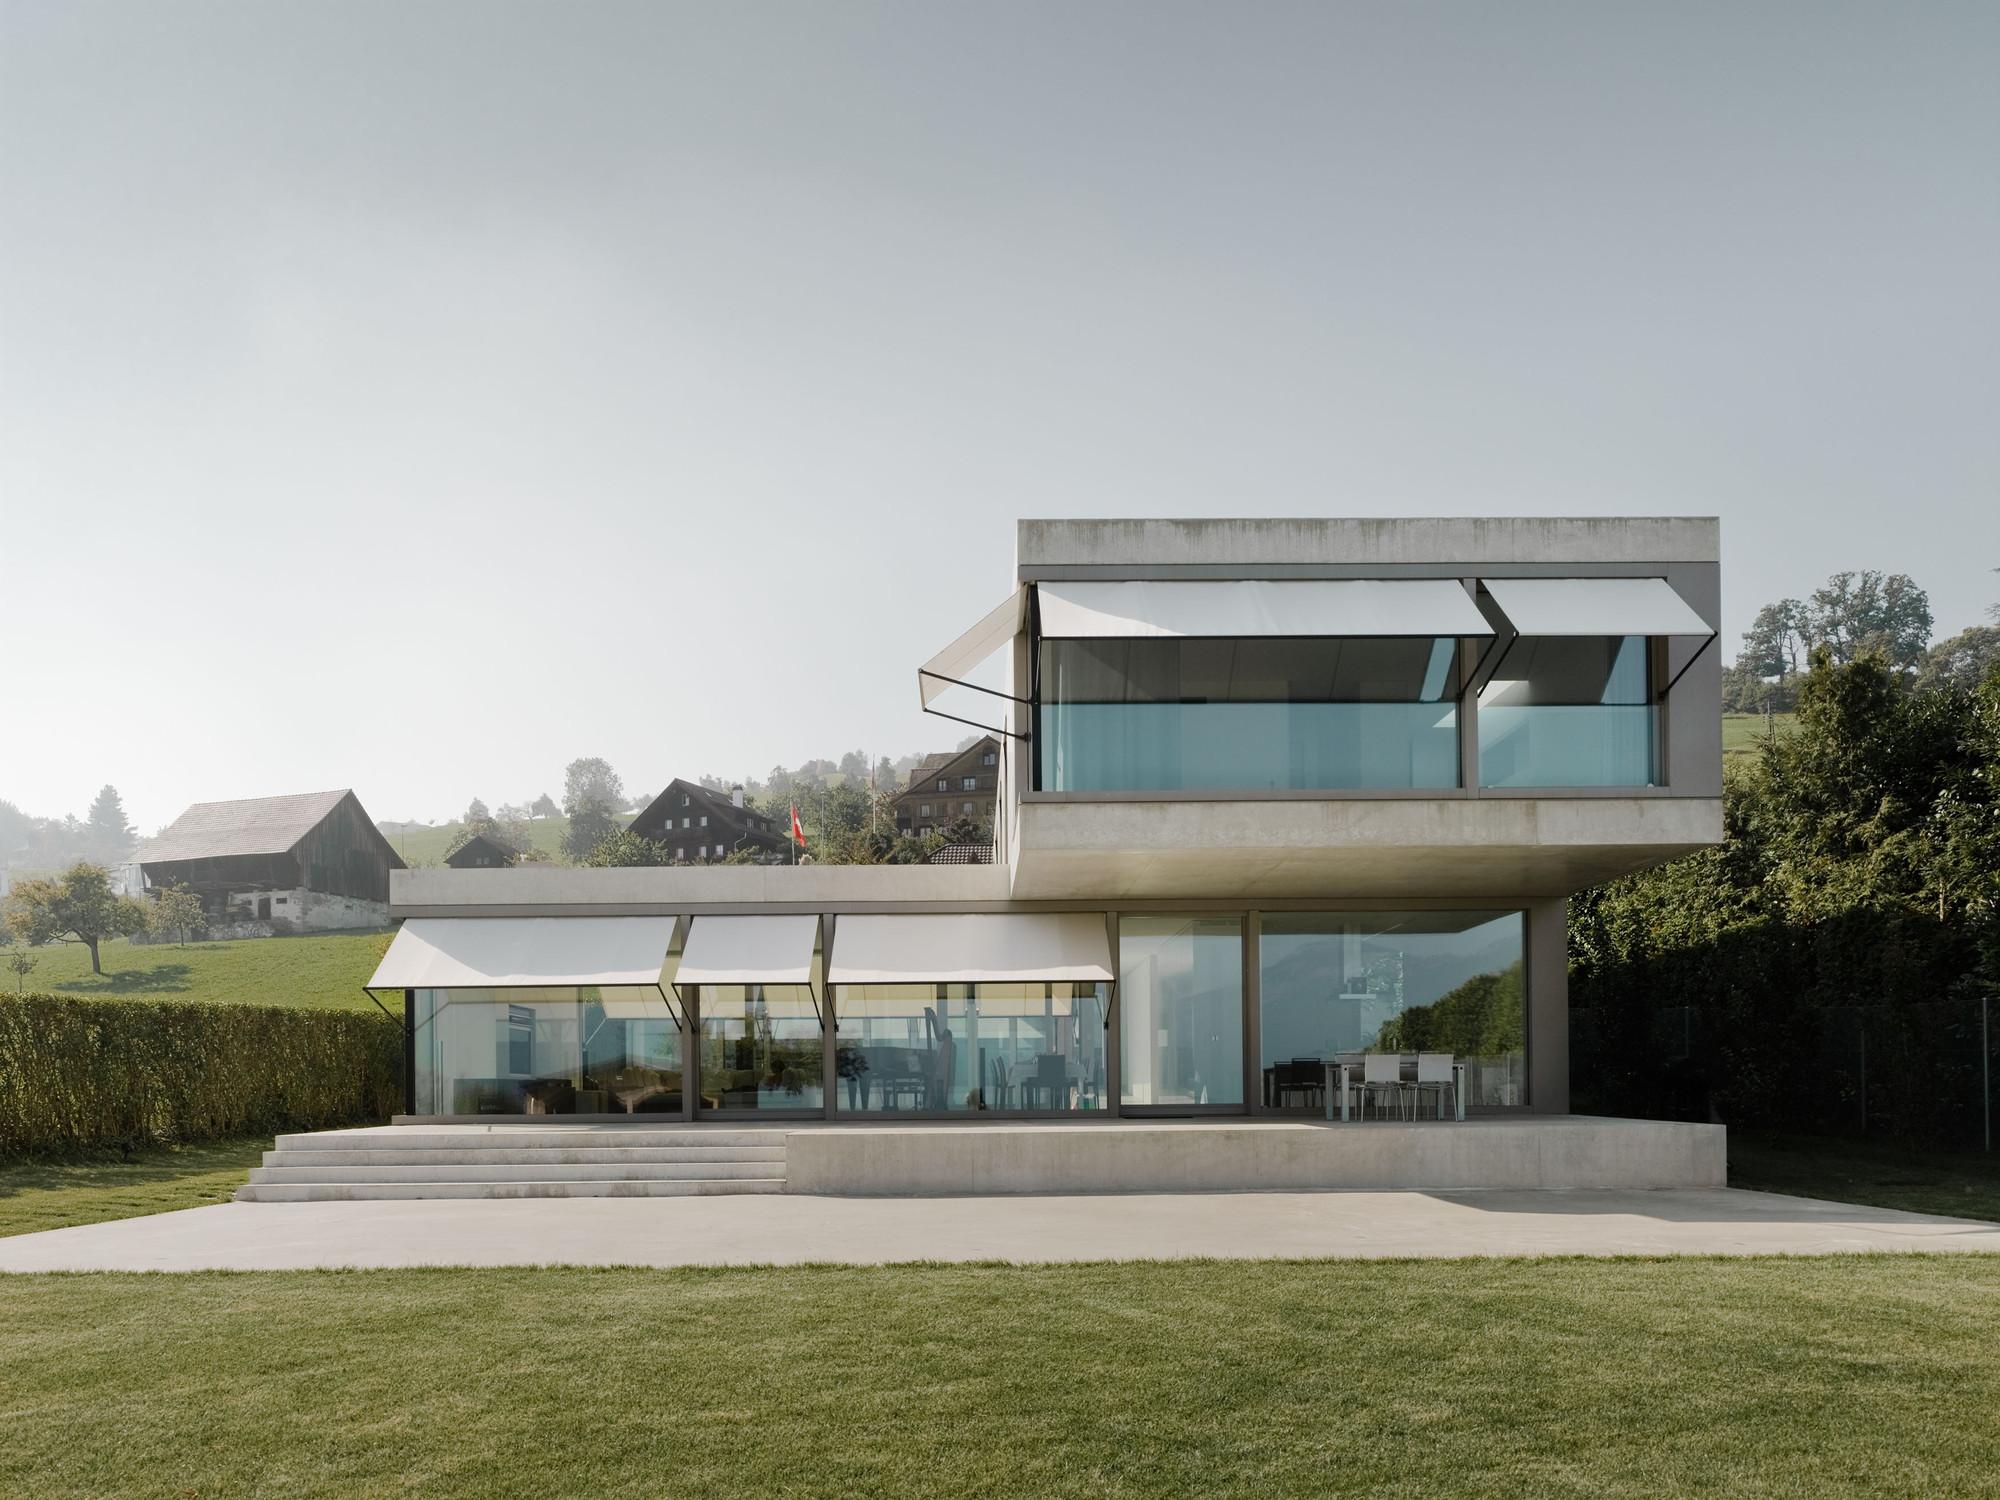 Villa M / Niklaus Graber + Christoph Steiger Architekten, © Dominique M.Wehrli